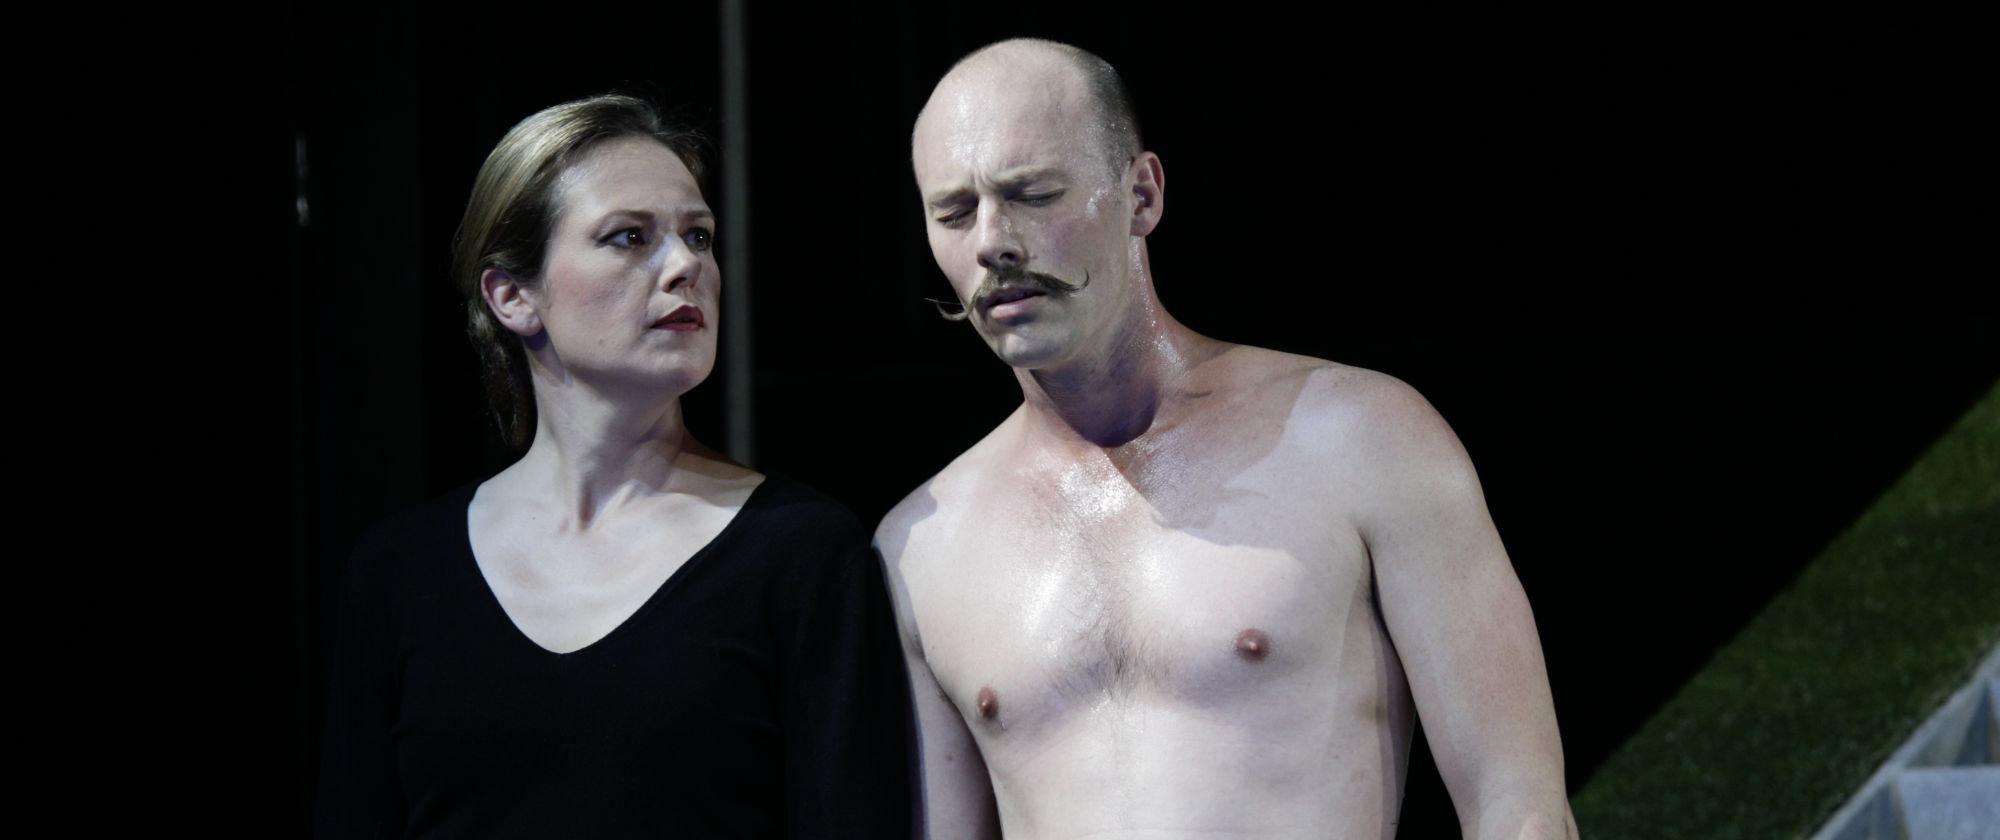 012-VIEL_LAERM_UM_NICHTS_Shakespeare_Regie_Malte_Kreutzfeldt_Staatstheater_Augsburg_2018